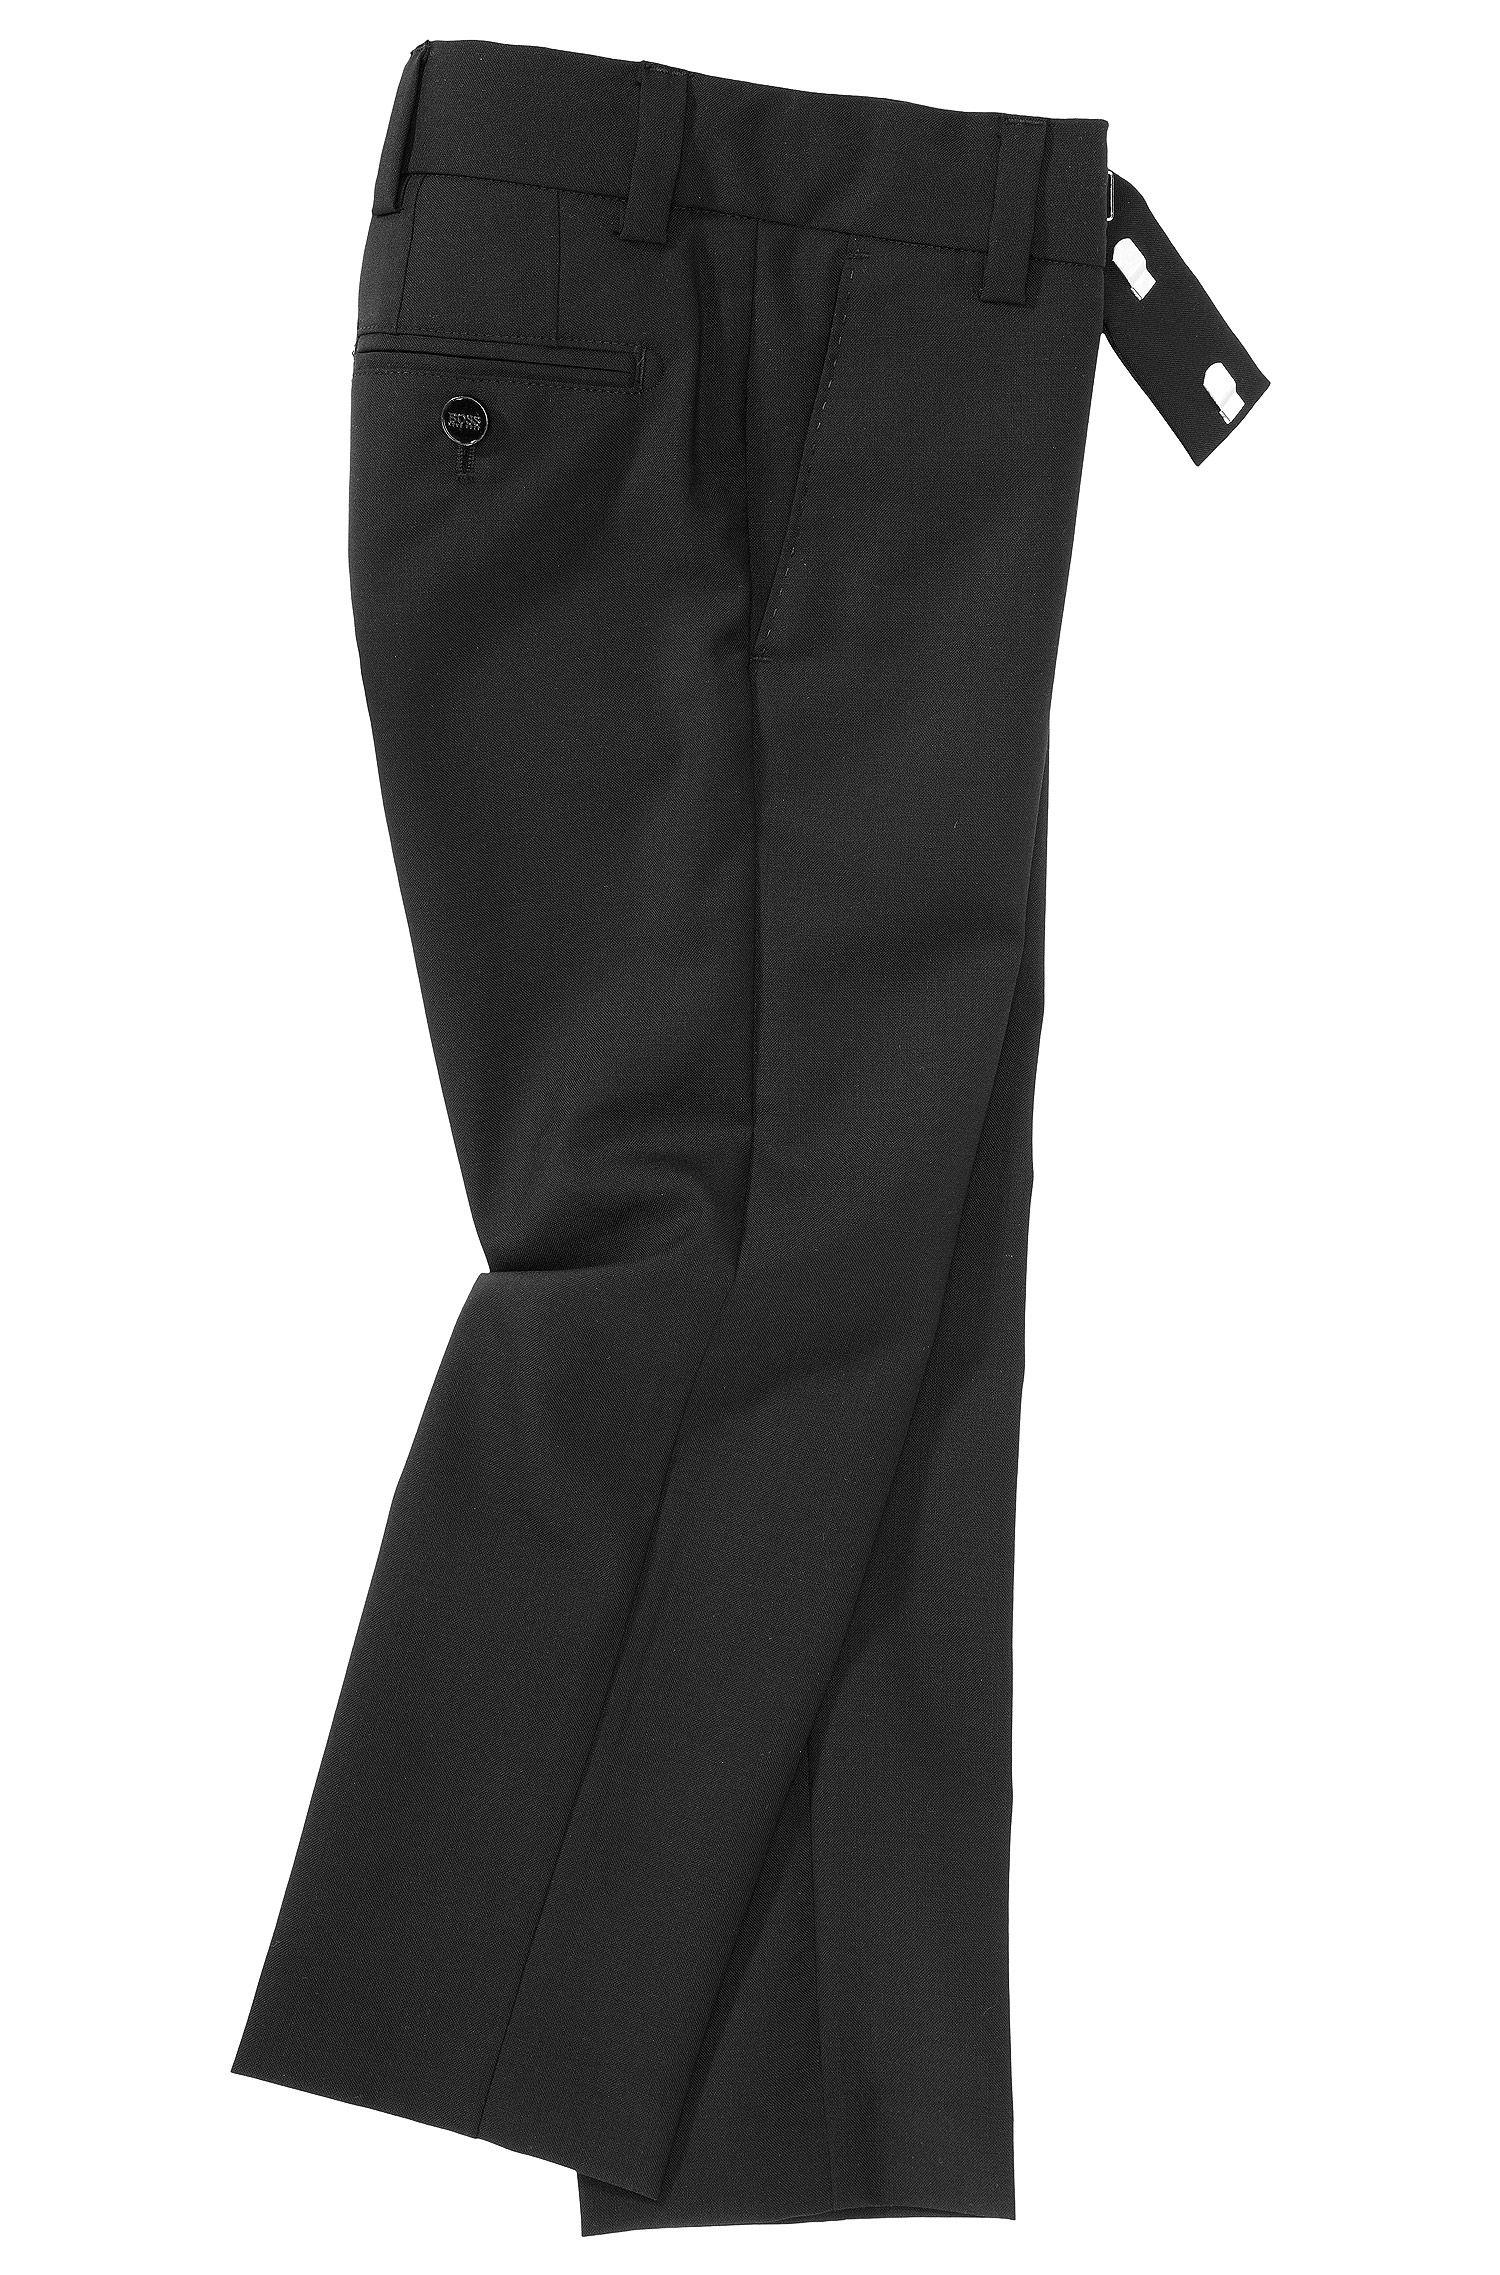 Pantalon pour enfants «J24307» en laine